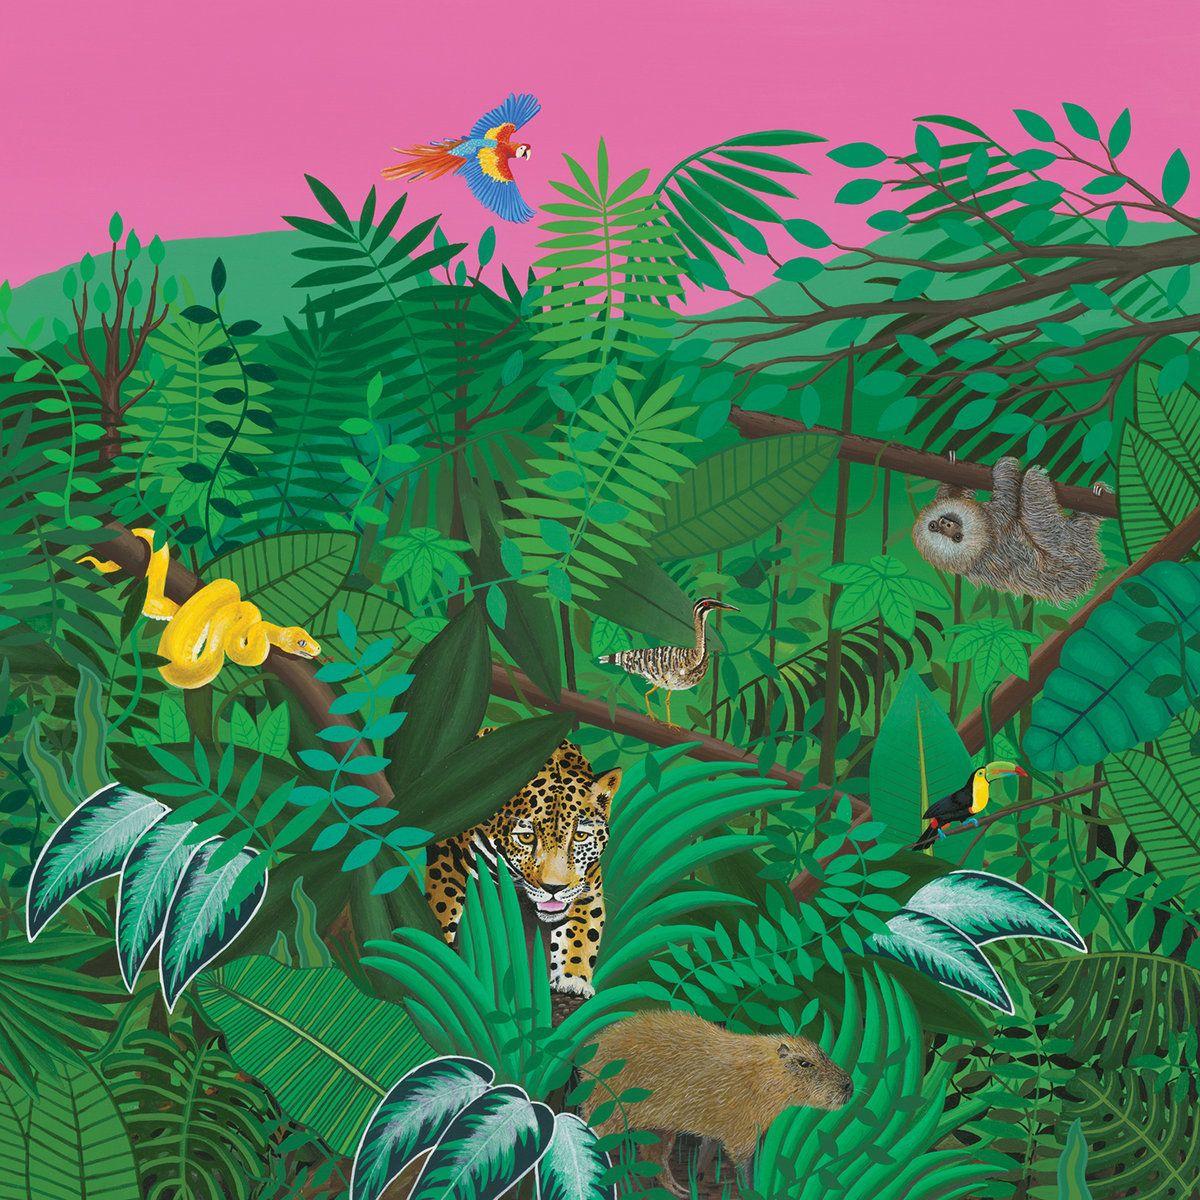 11 Track Album Amazing Nature Super Natural Vinyl